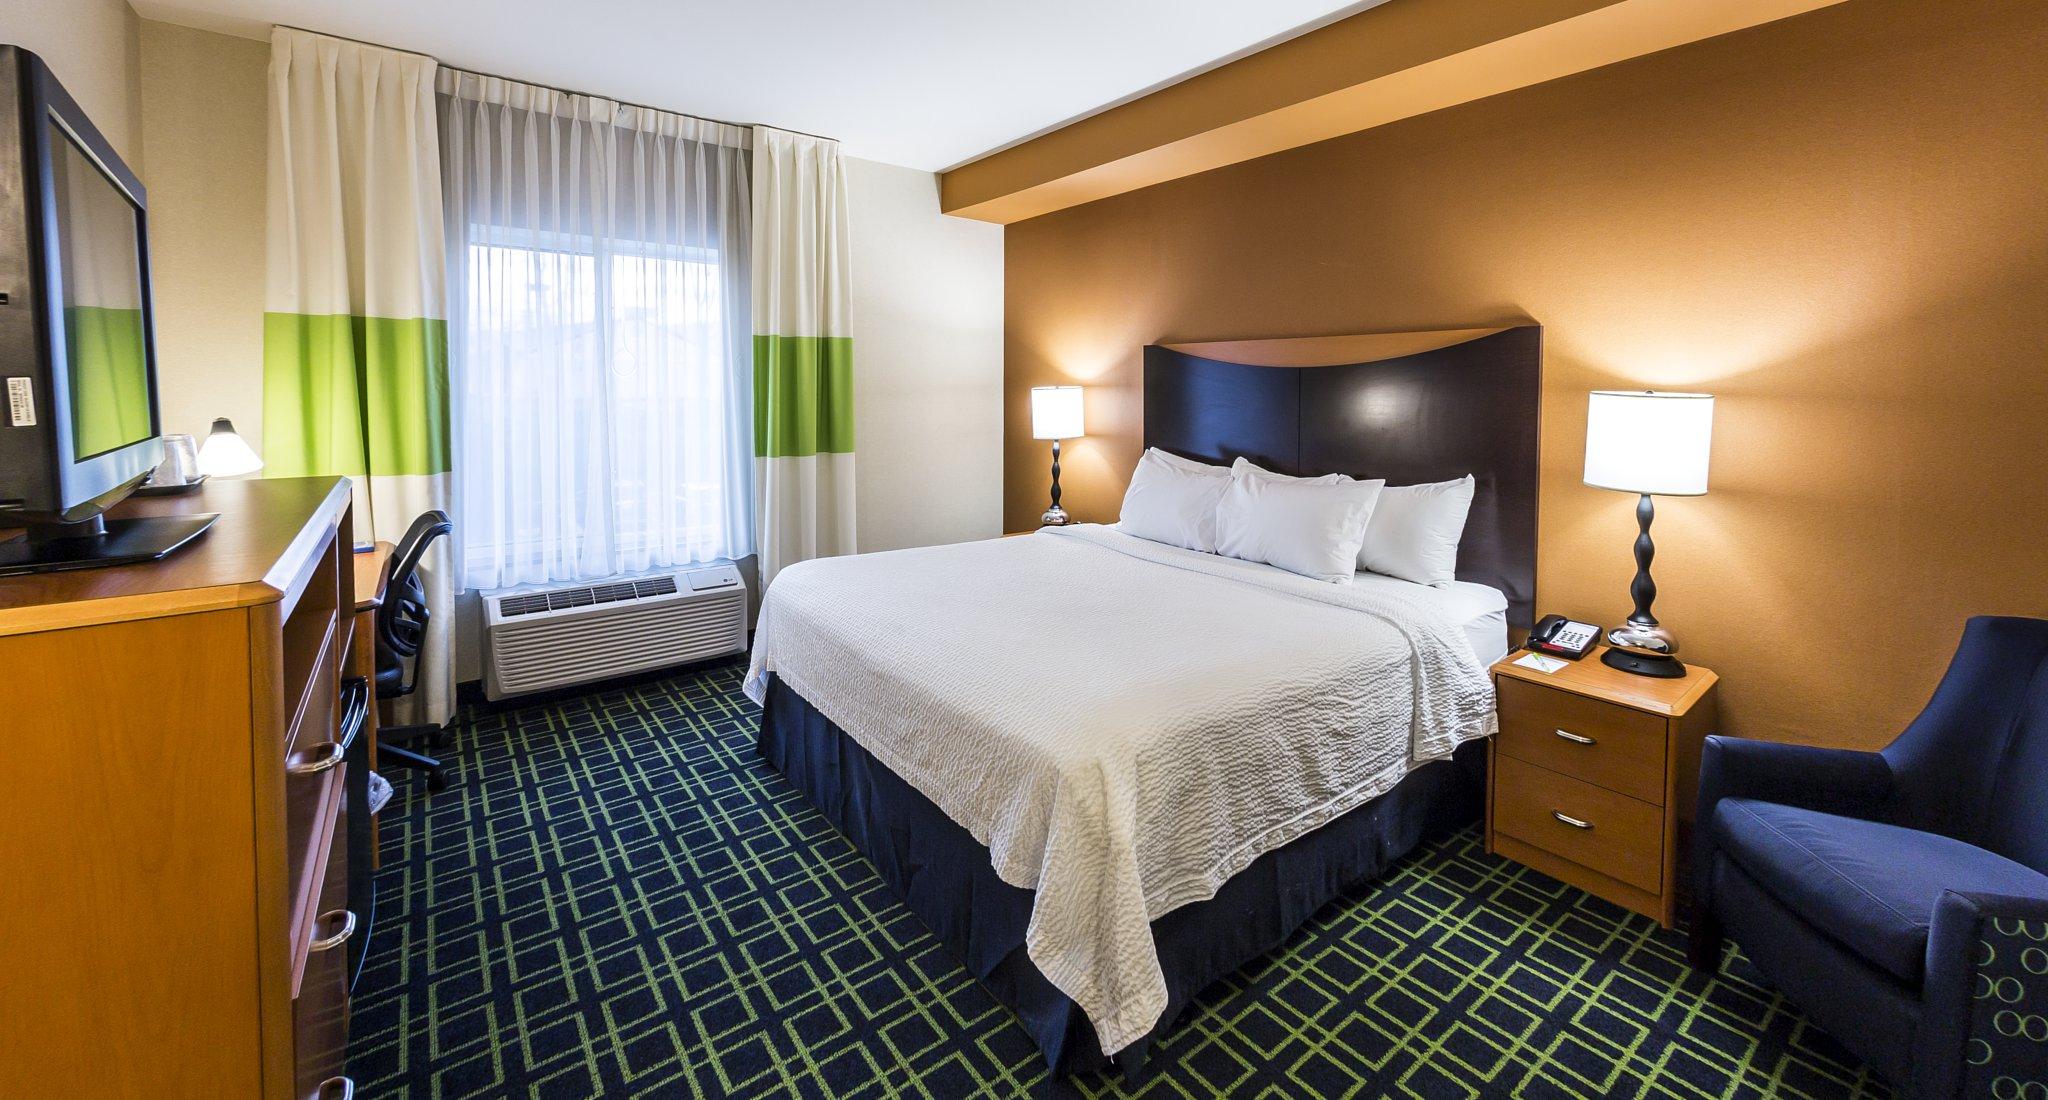 Fairfield Inn & Suites by Marriott Harrisburg West image 1